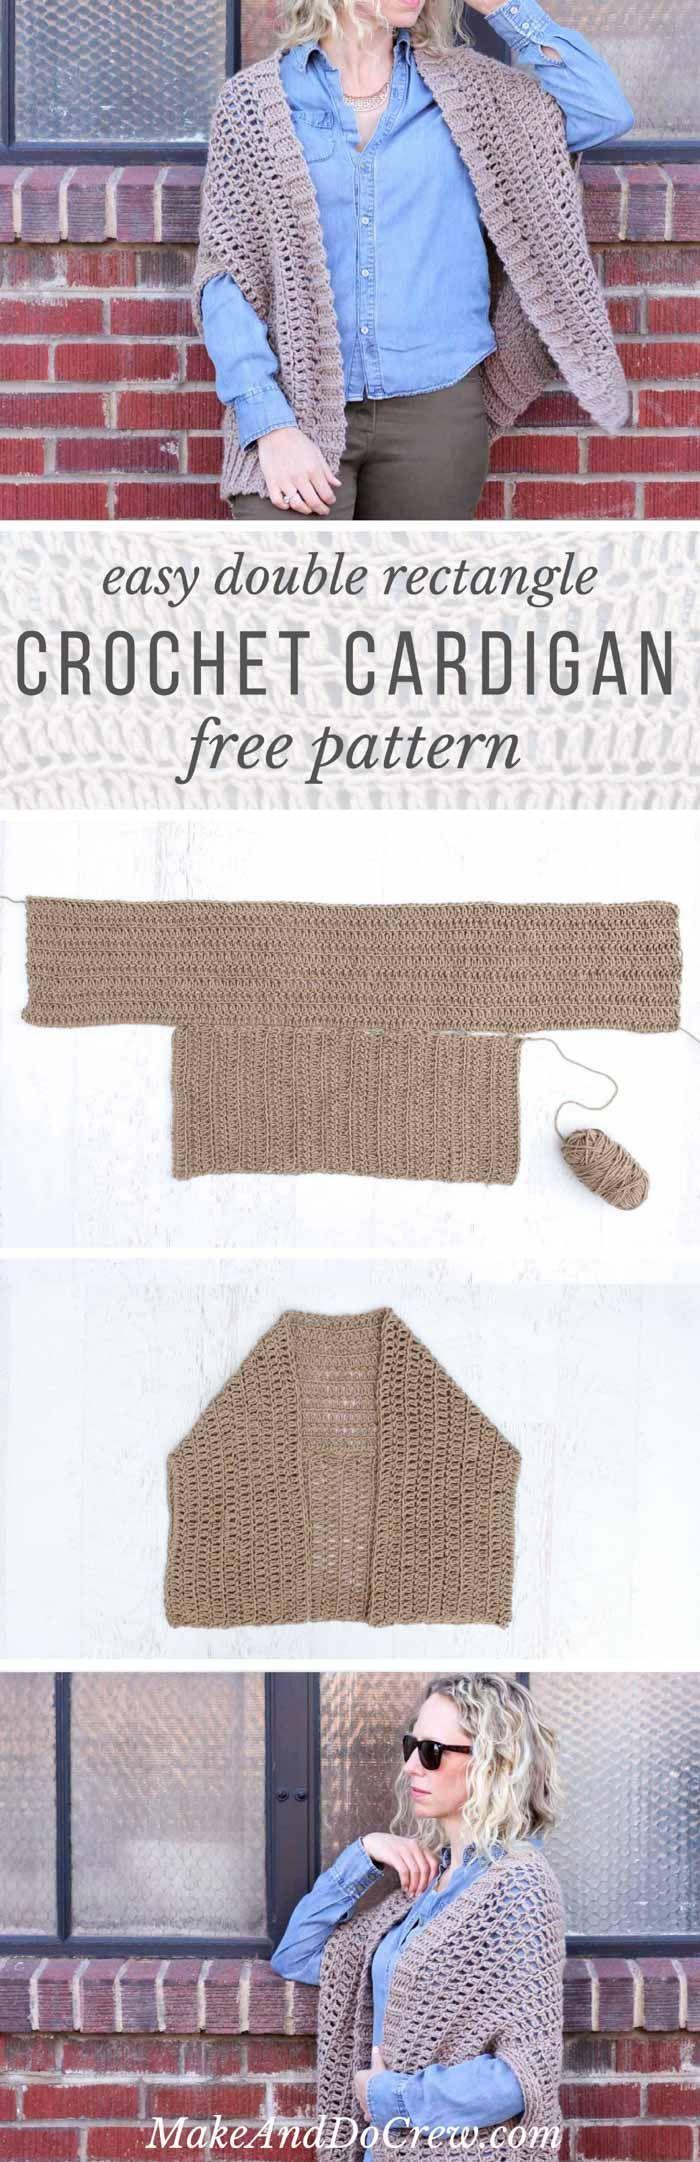 Cocoon Cardigan Free Crochet Pattern | Crochet cardigan pattern ...